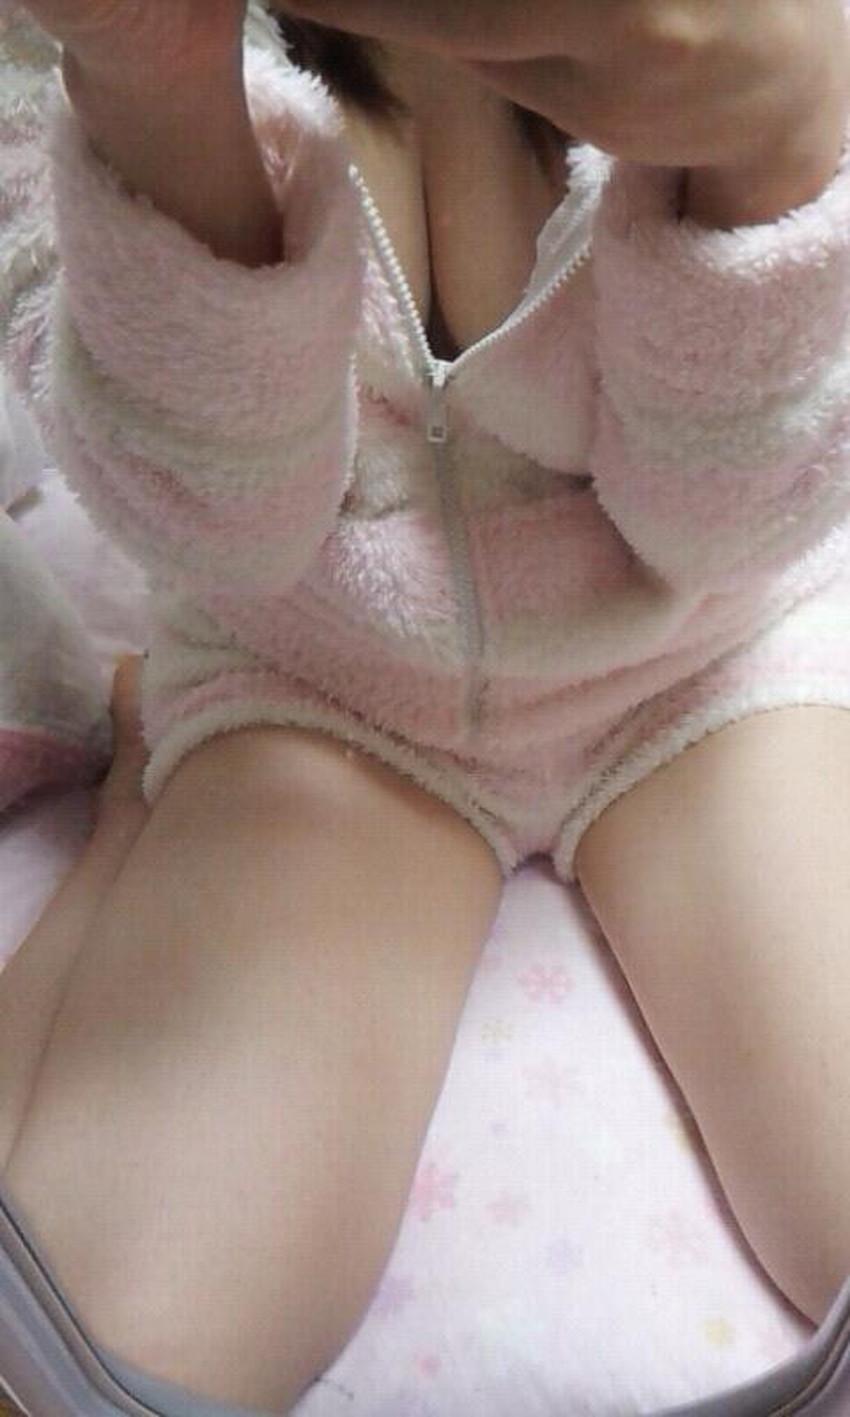 【毛糸のパンツエロ画像】手編み感のある温かそうな毛糸のパンツがパンチラしちゃった毛糸のパンツのエロ画像集!ww【80枚】 30